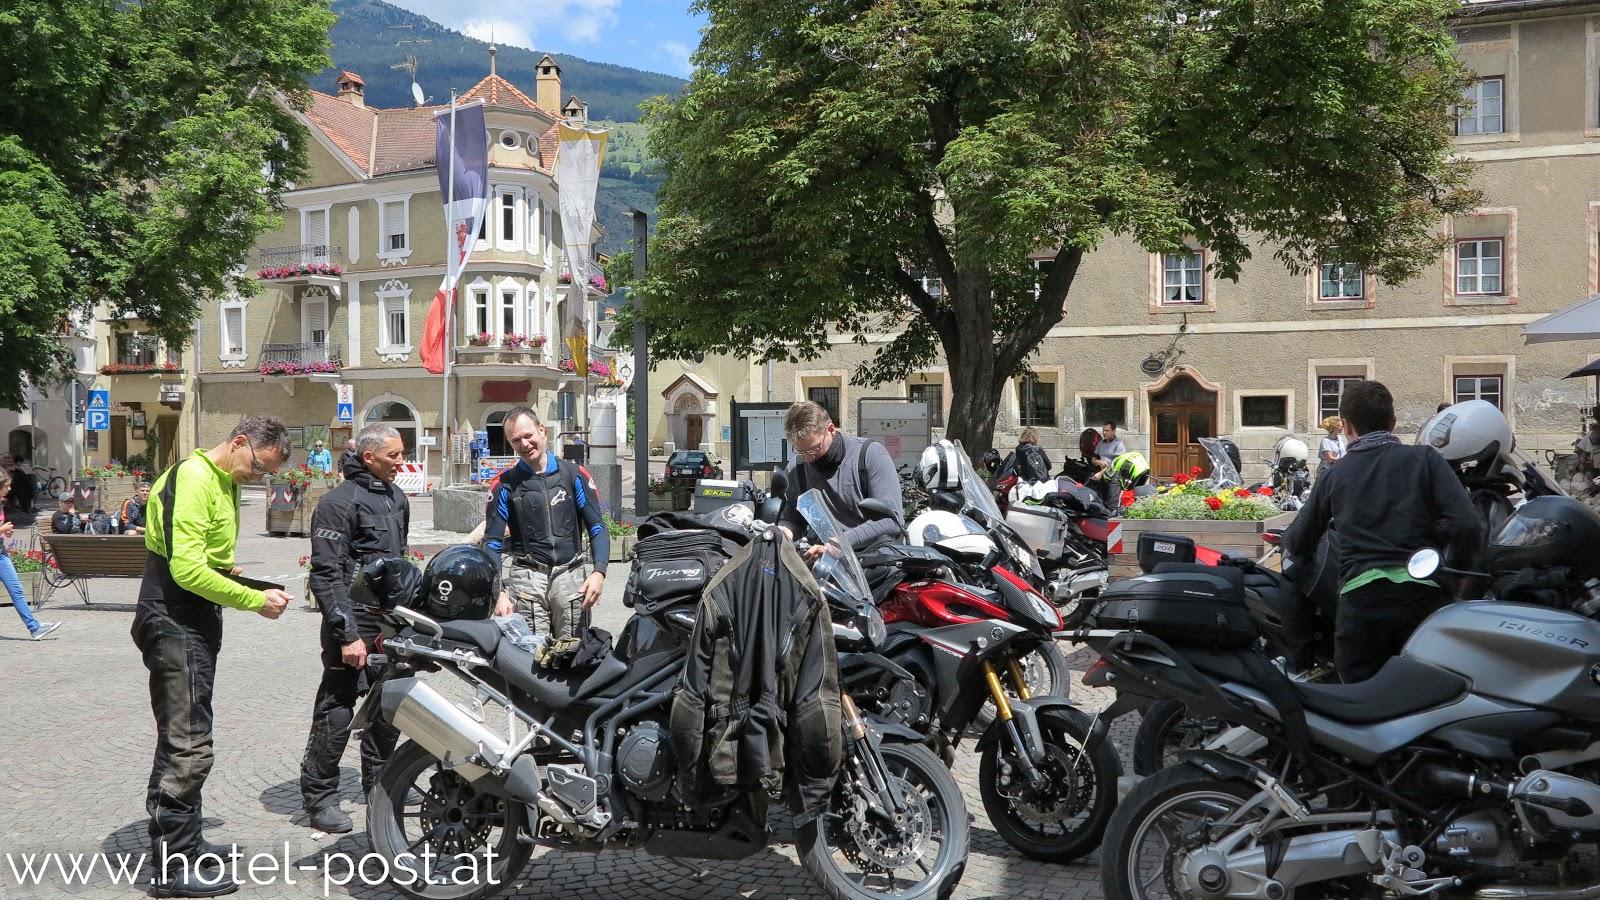 Motorrad - 15.07.2016 postWirt´s geführte Morradtour